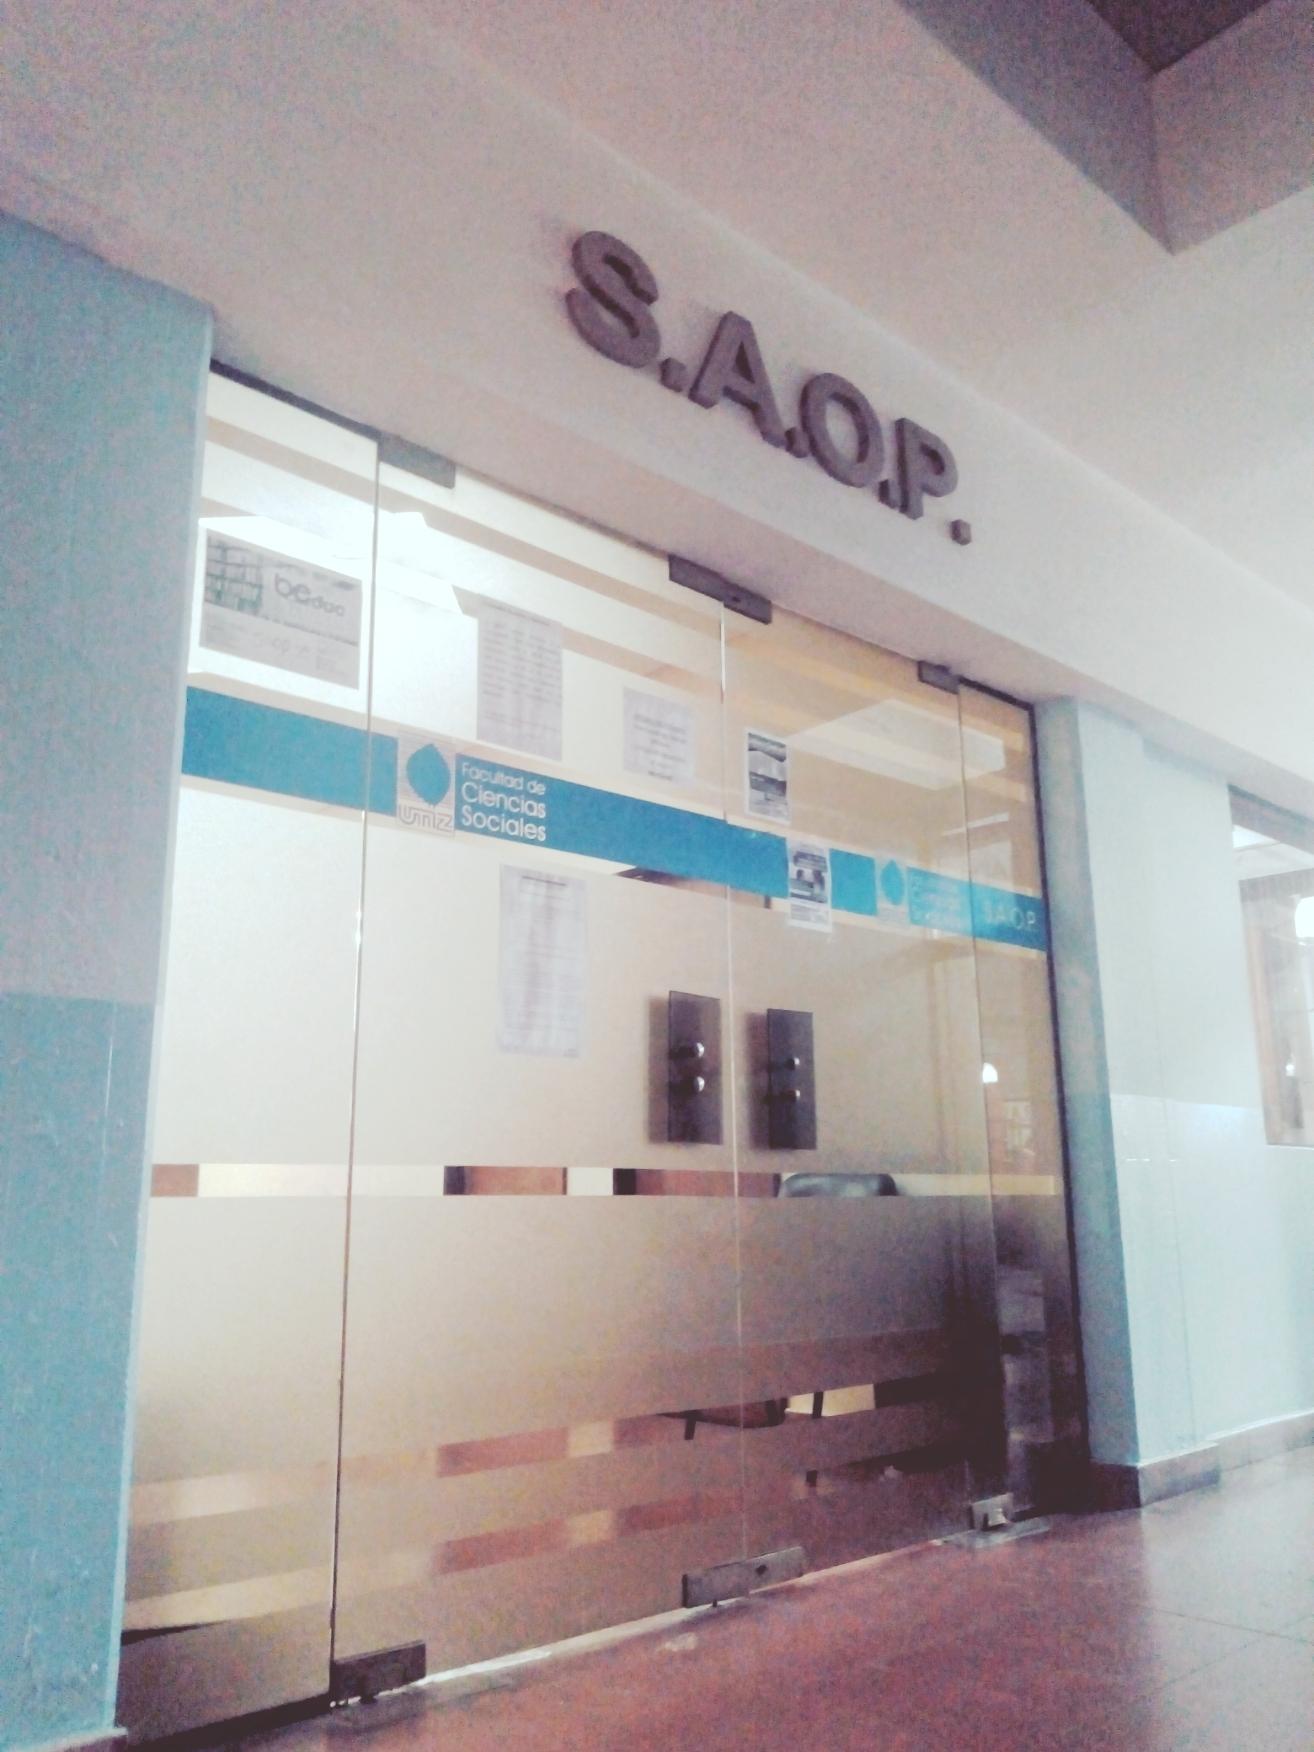 Con charlas de especialistas, el SAOP celebra sus 20 años de funcionamiento